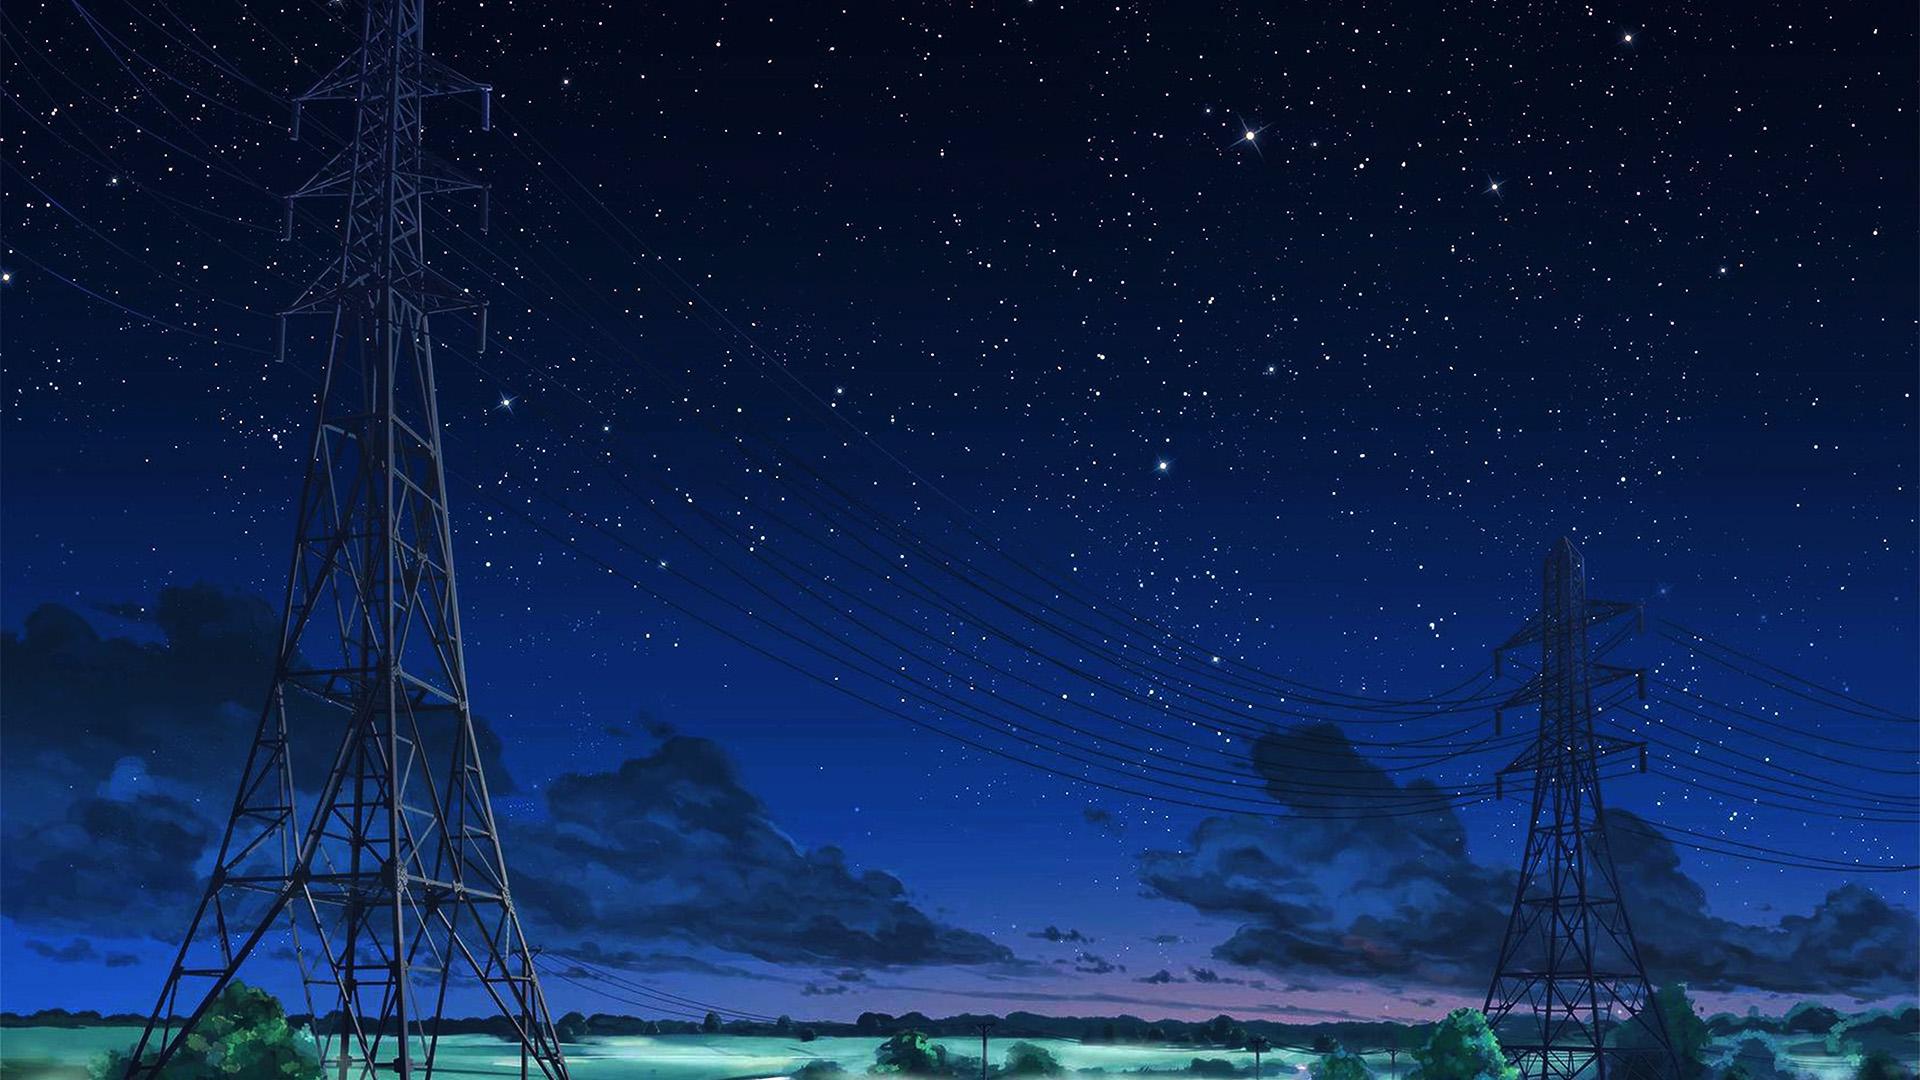 Aw16-arseniy-chebynkin-night-sky-star-blue-illustration